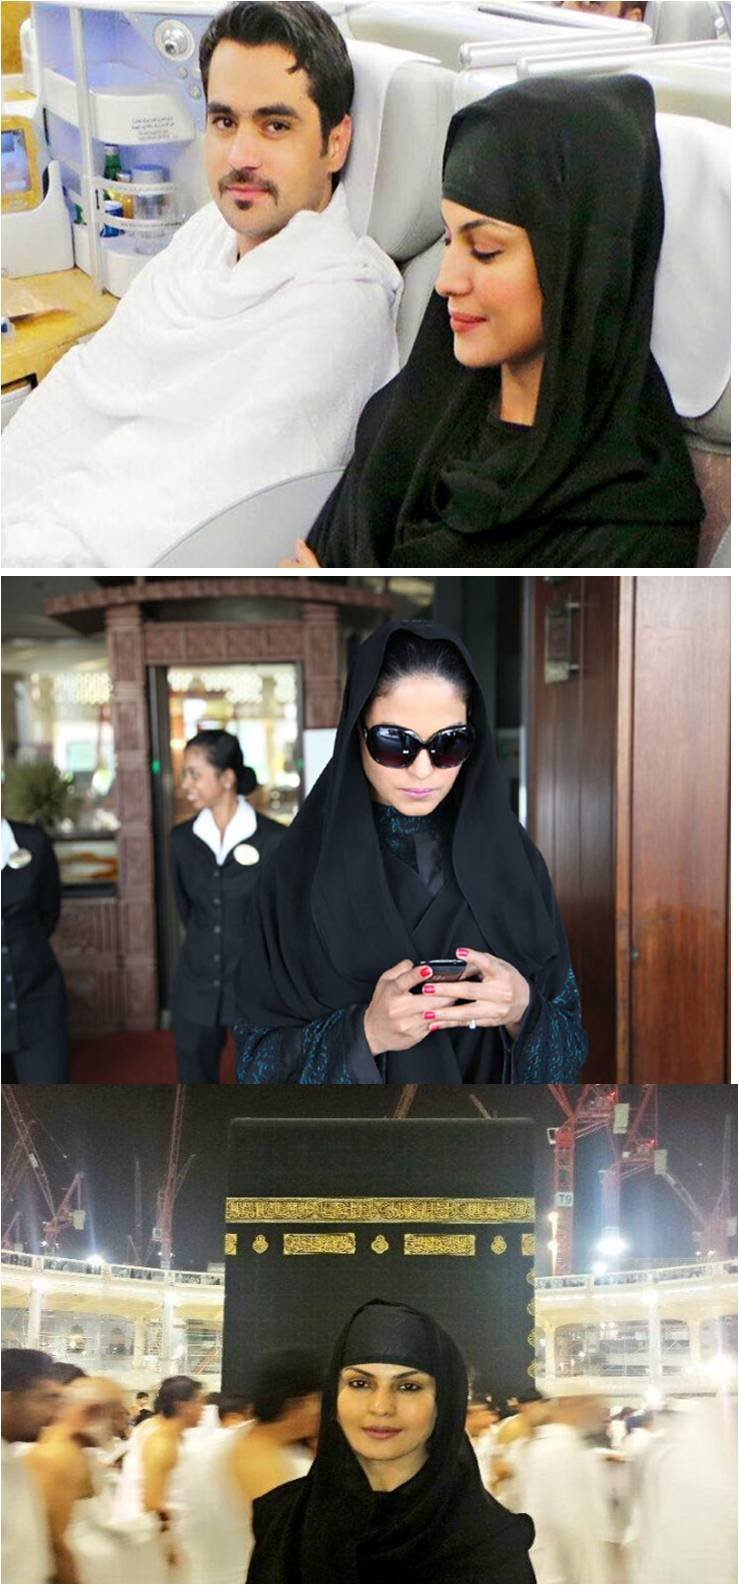 ممثلة التعري فينا مالك veena malik بالعمرة